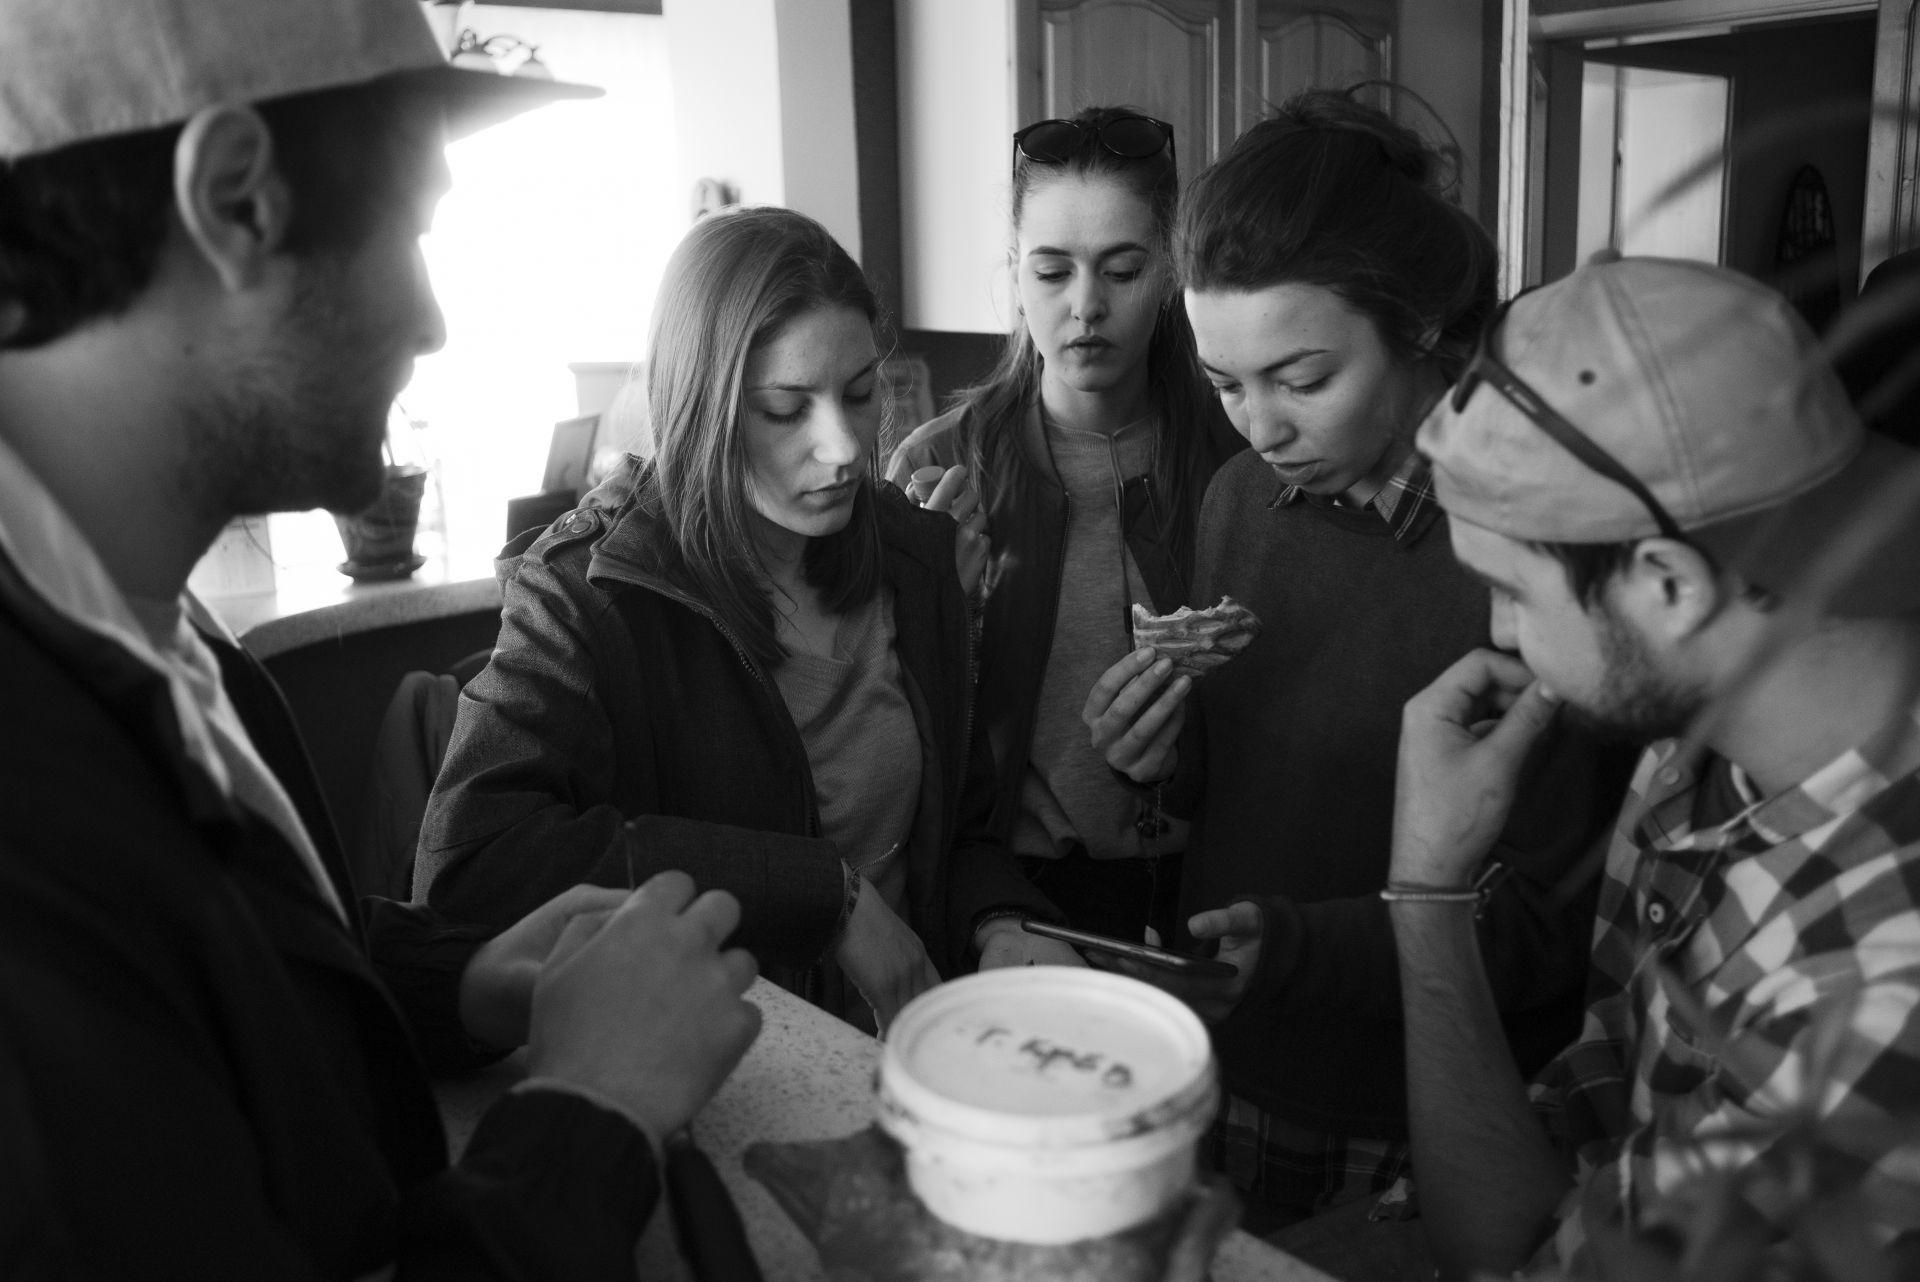 """Екипът по време на мейкинга на филма """"Заедно без теб"""", фотограф: Петър Недялков"""